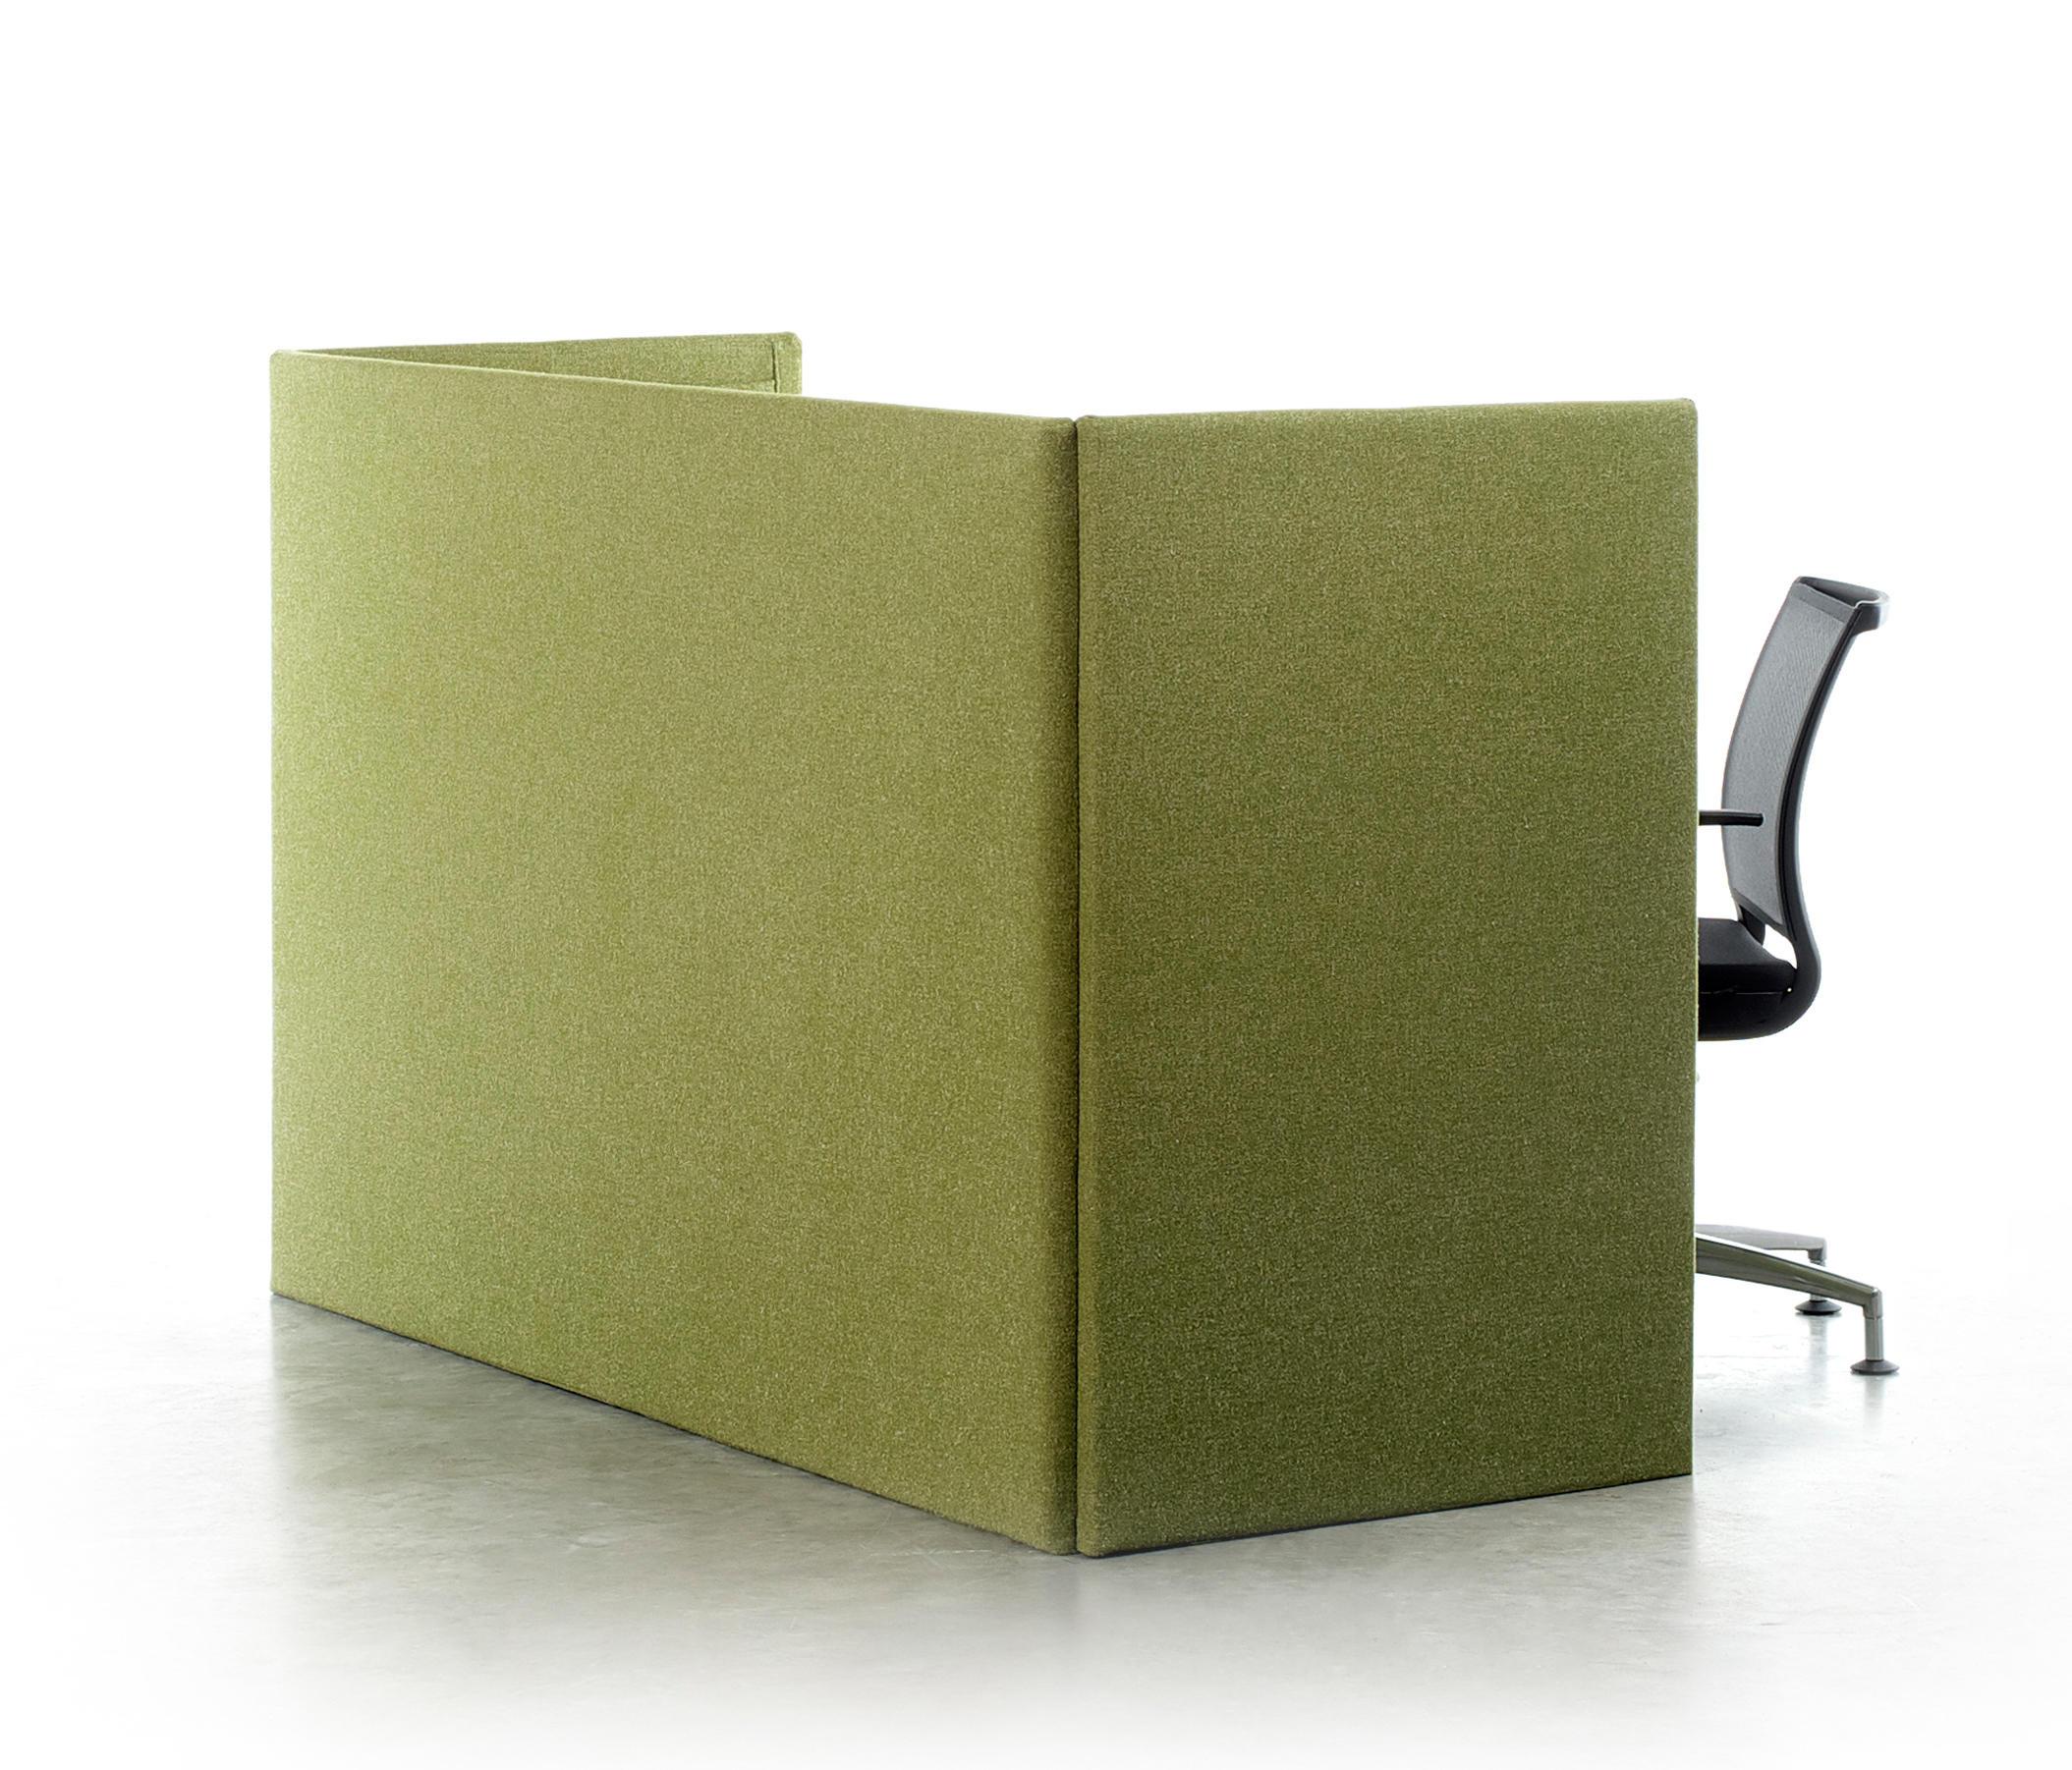 deskmate paravents pour bureau de abv architonic. Black Bedroom Furniture Sets. Home Design Ideas